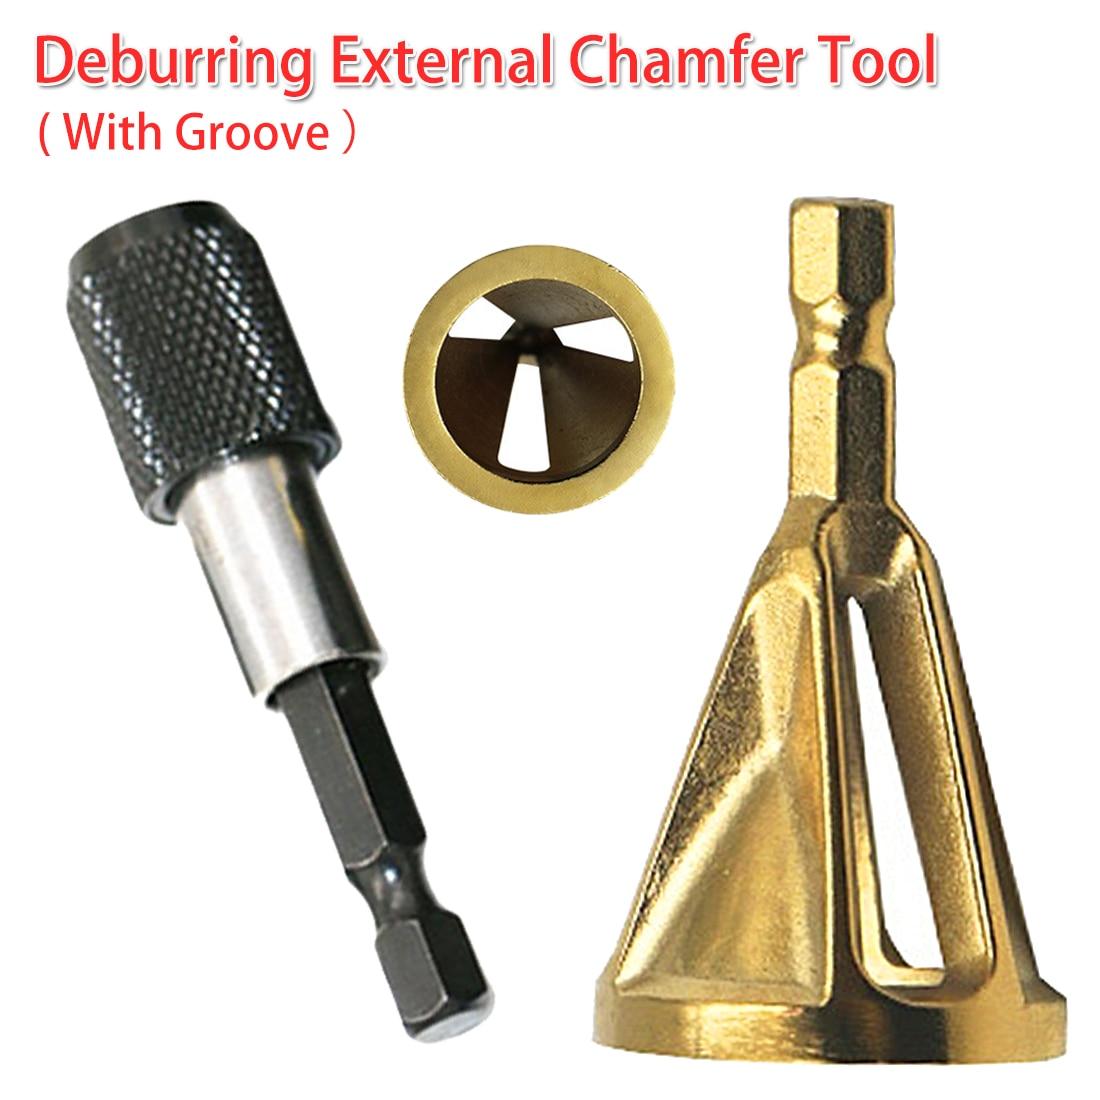 Remove Burr 4-19mm Work Range Stainless Steel Deburring External Chamfer Tool Drill Bit 1/4 Shank For Copper/ Wood/ Plastic